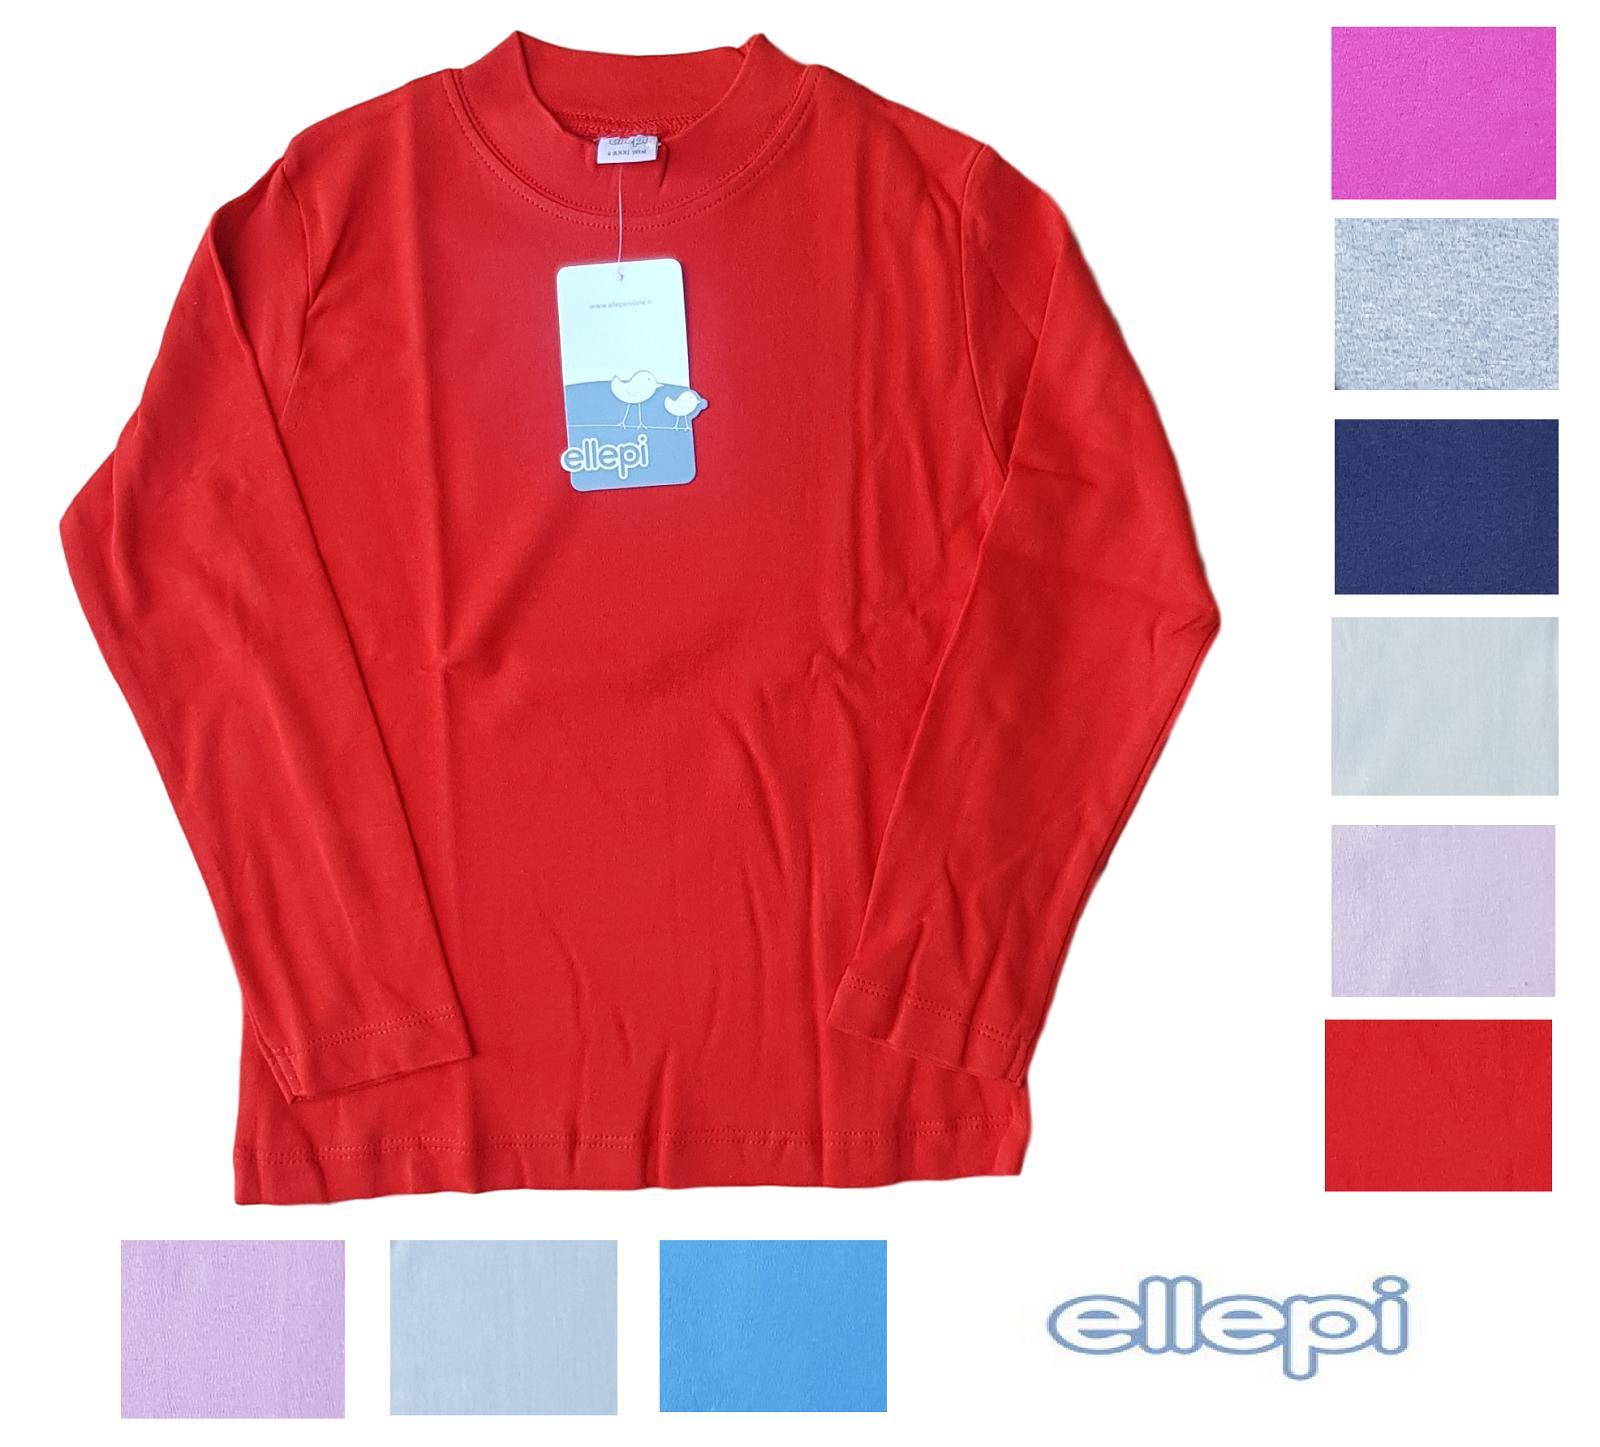 ELLEPI BASIC. Lupetto - T-shirt bambini a mezzo collo CE7596, 100% caldo Cotone.